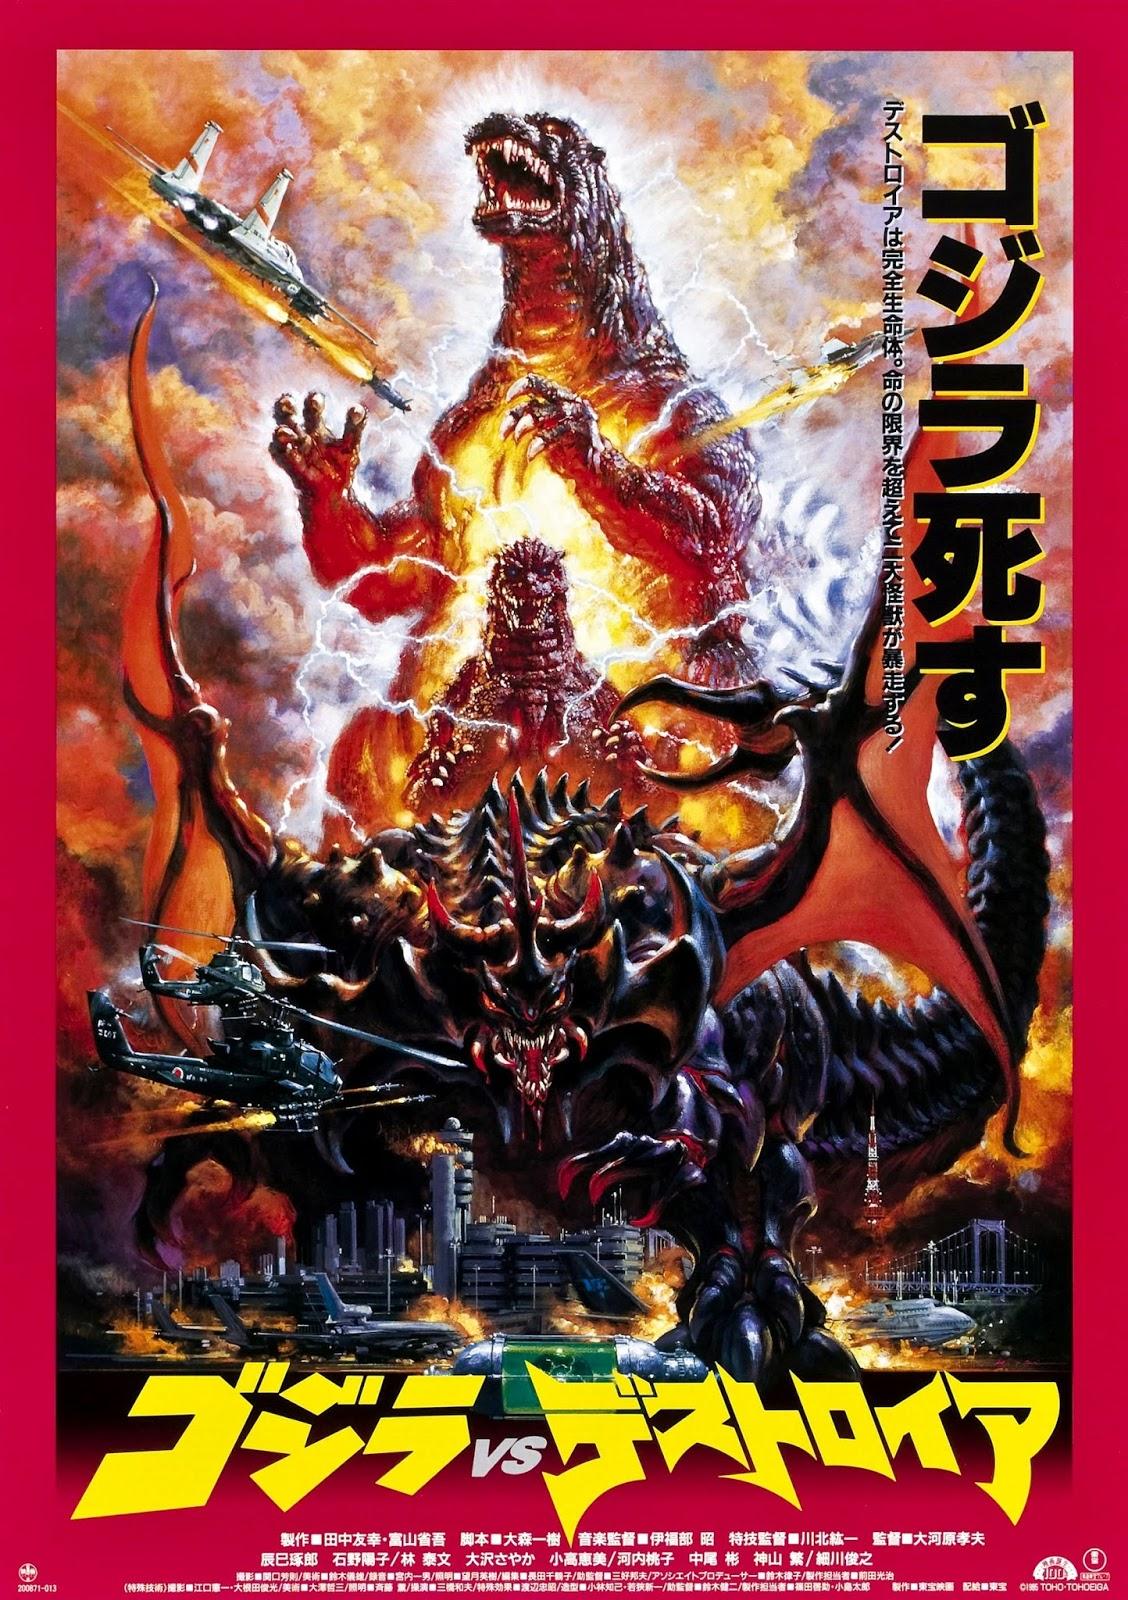 Godzilla vs. Destoroyah (1995) ก็อตซิลล่า ถล่ม เดสทรอยย่า ศึกอวสานก็อตซิลล่า